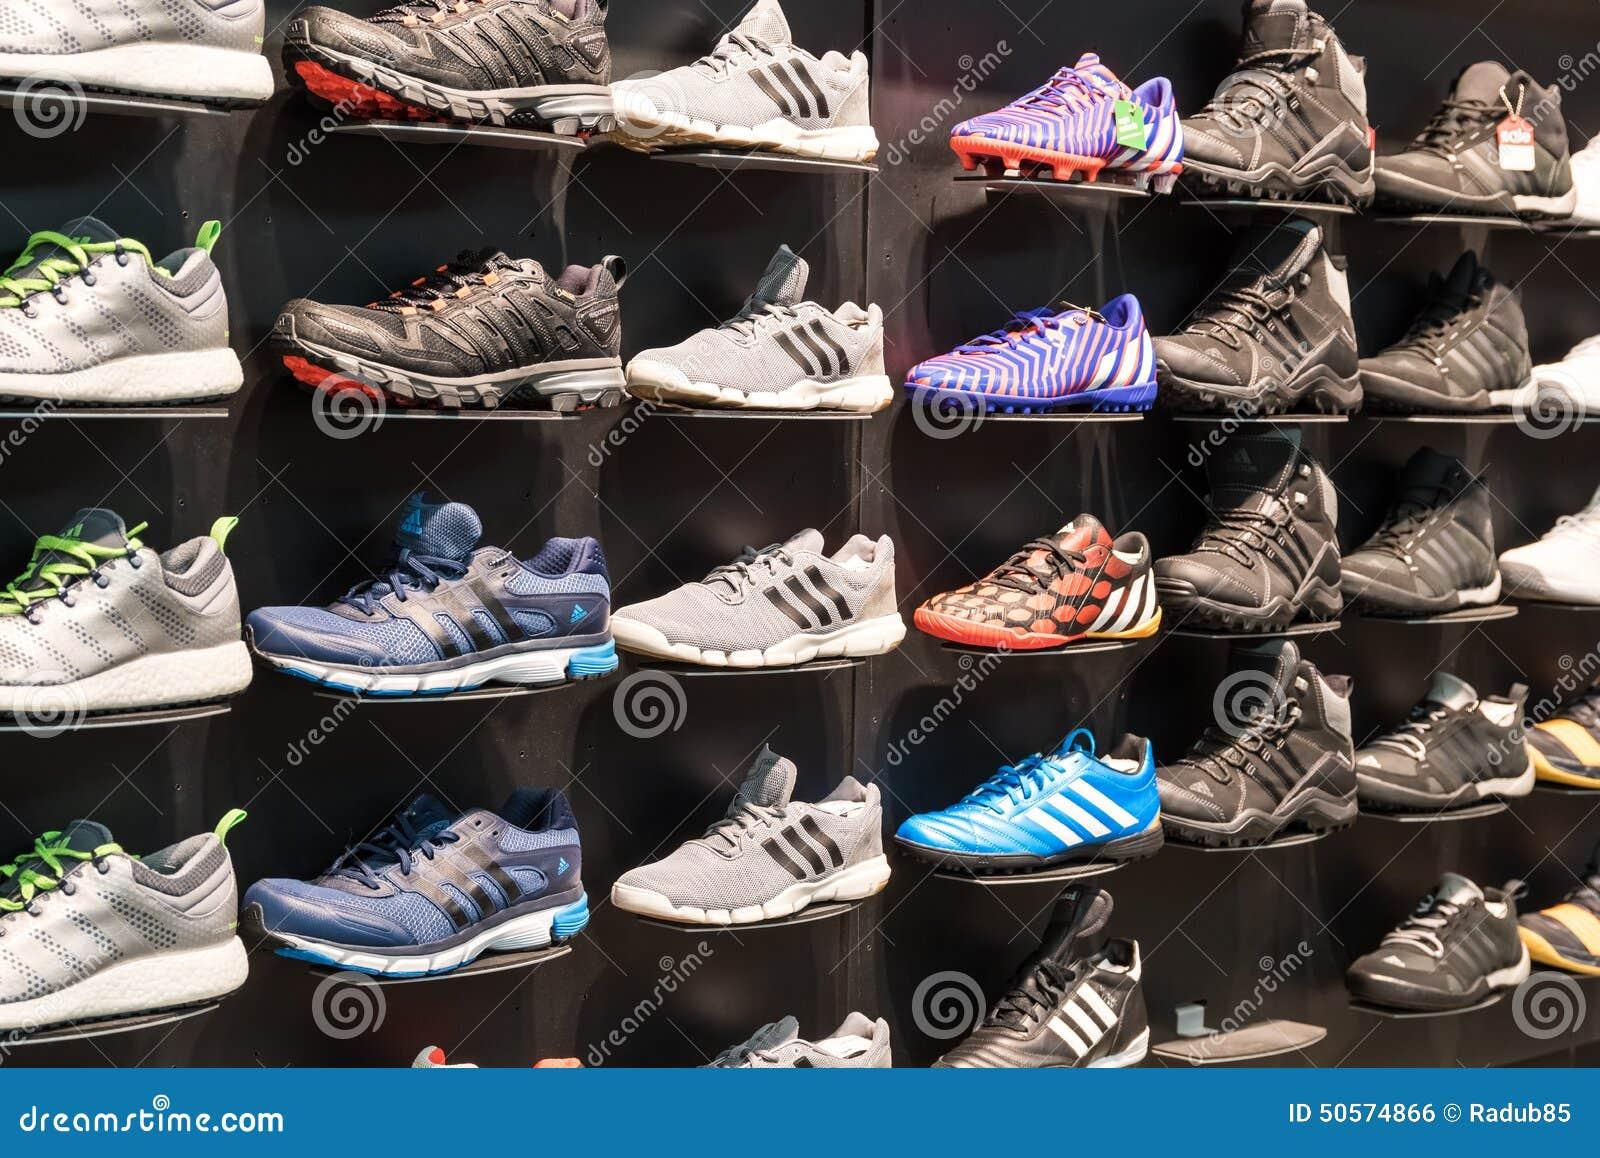 Adidas Exhibición De La Foto Editorial Zapatería Zapatos En P0wOkXnN8Z